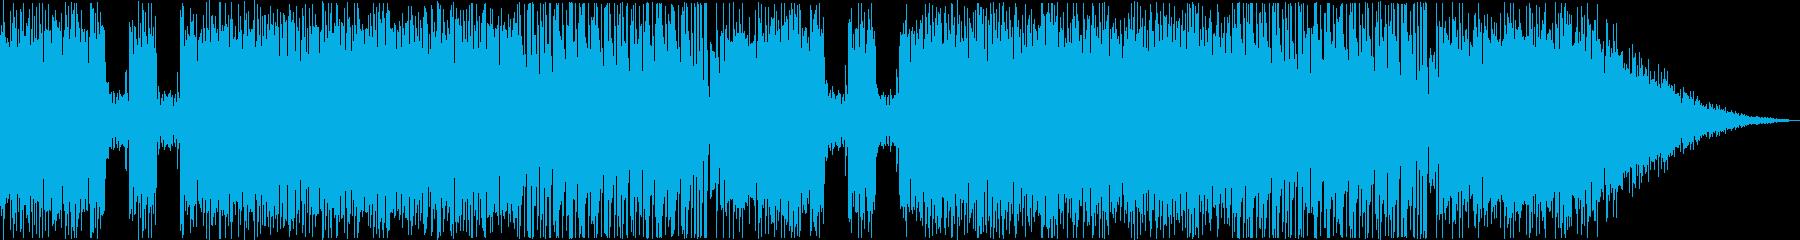 ゲームの中にいるようなポップミュージックの再生済みの波形